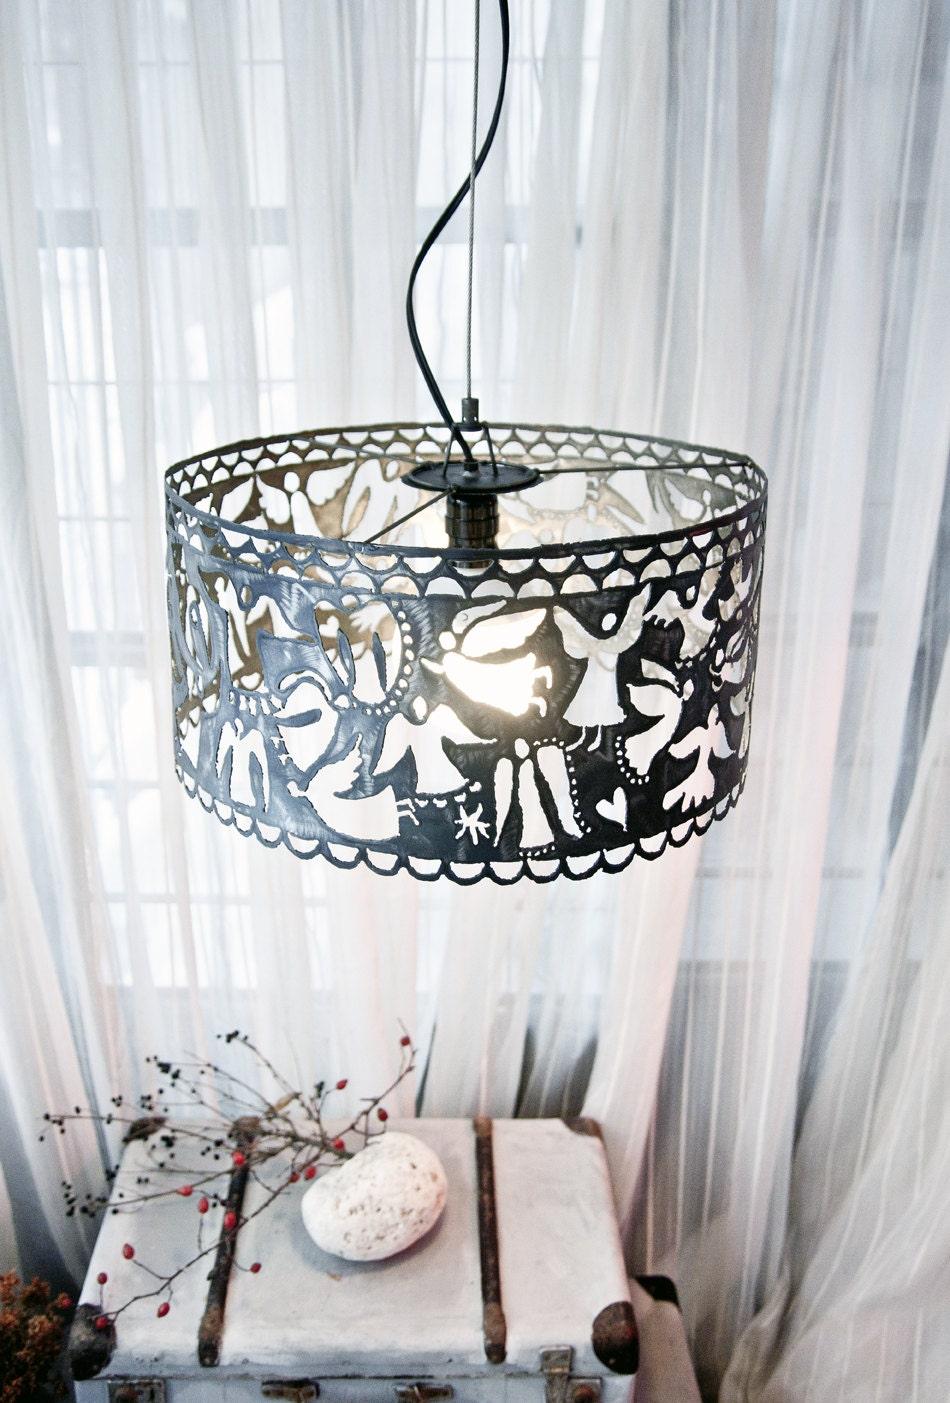 einzigartige lampe design metall h ngende lampe anh nger lampe. Black Bedroom Furniture Sets. Home Design Ideas